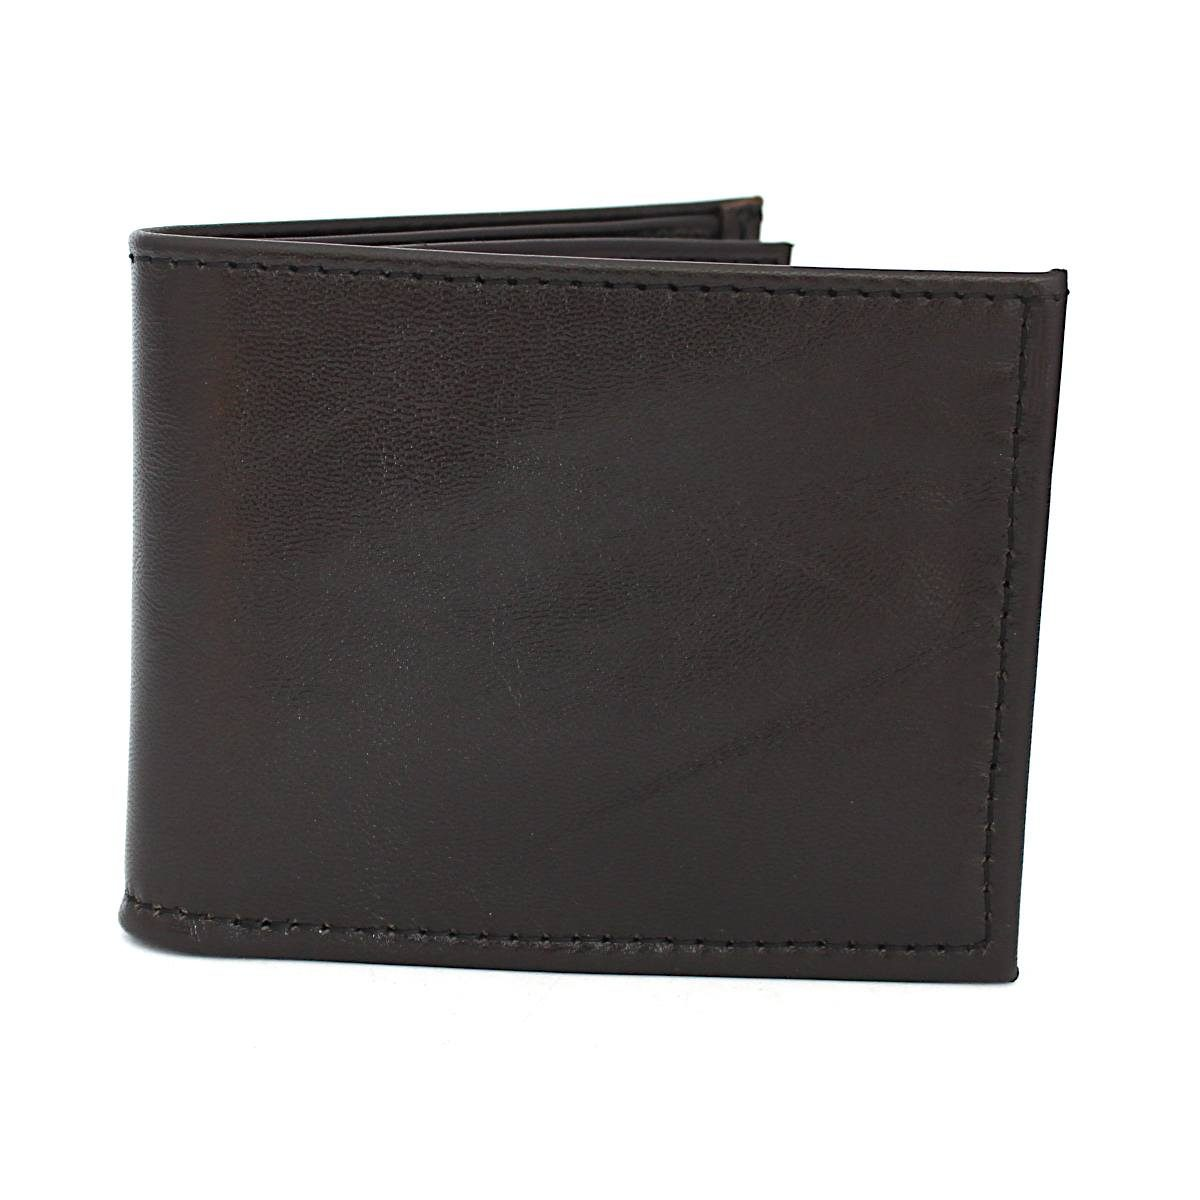 Ръчно изработен тъмнокафяв мъжки кожен портфейл